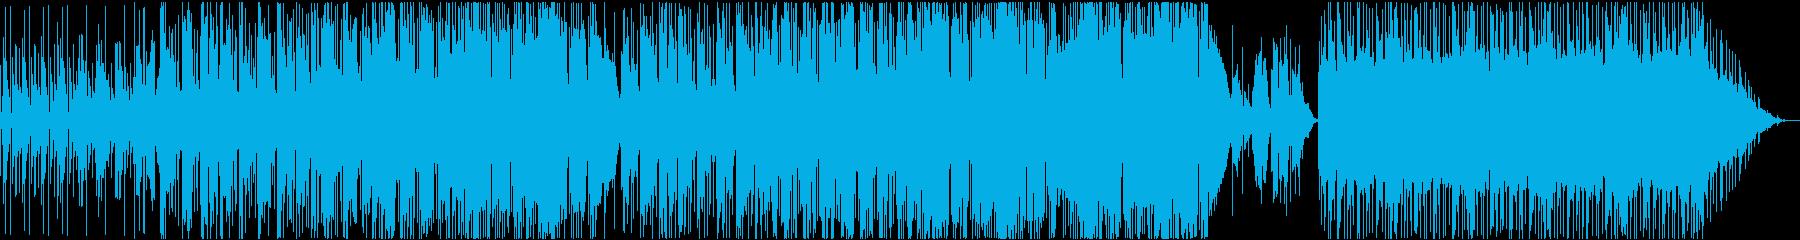 アコースティックロックの再生済みの波形